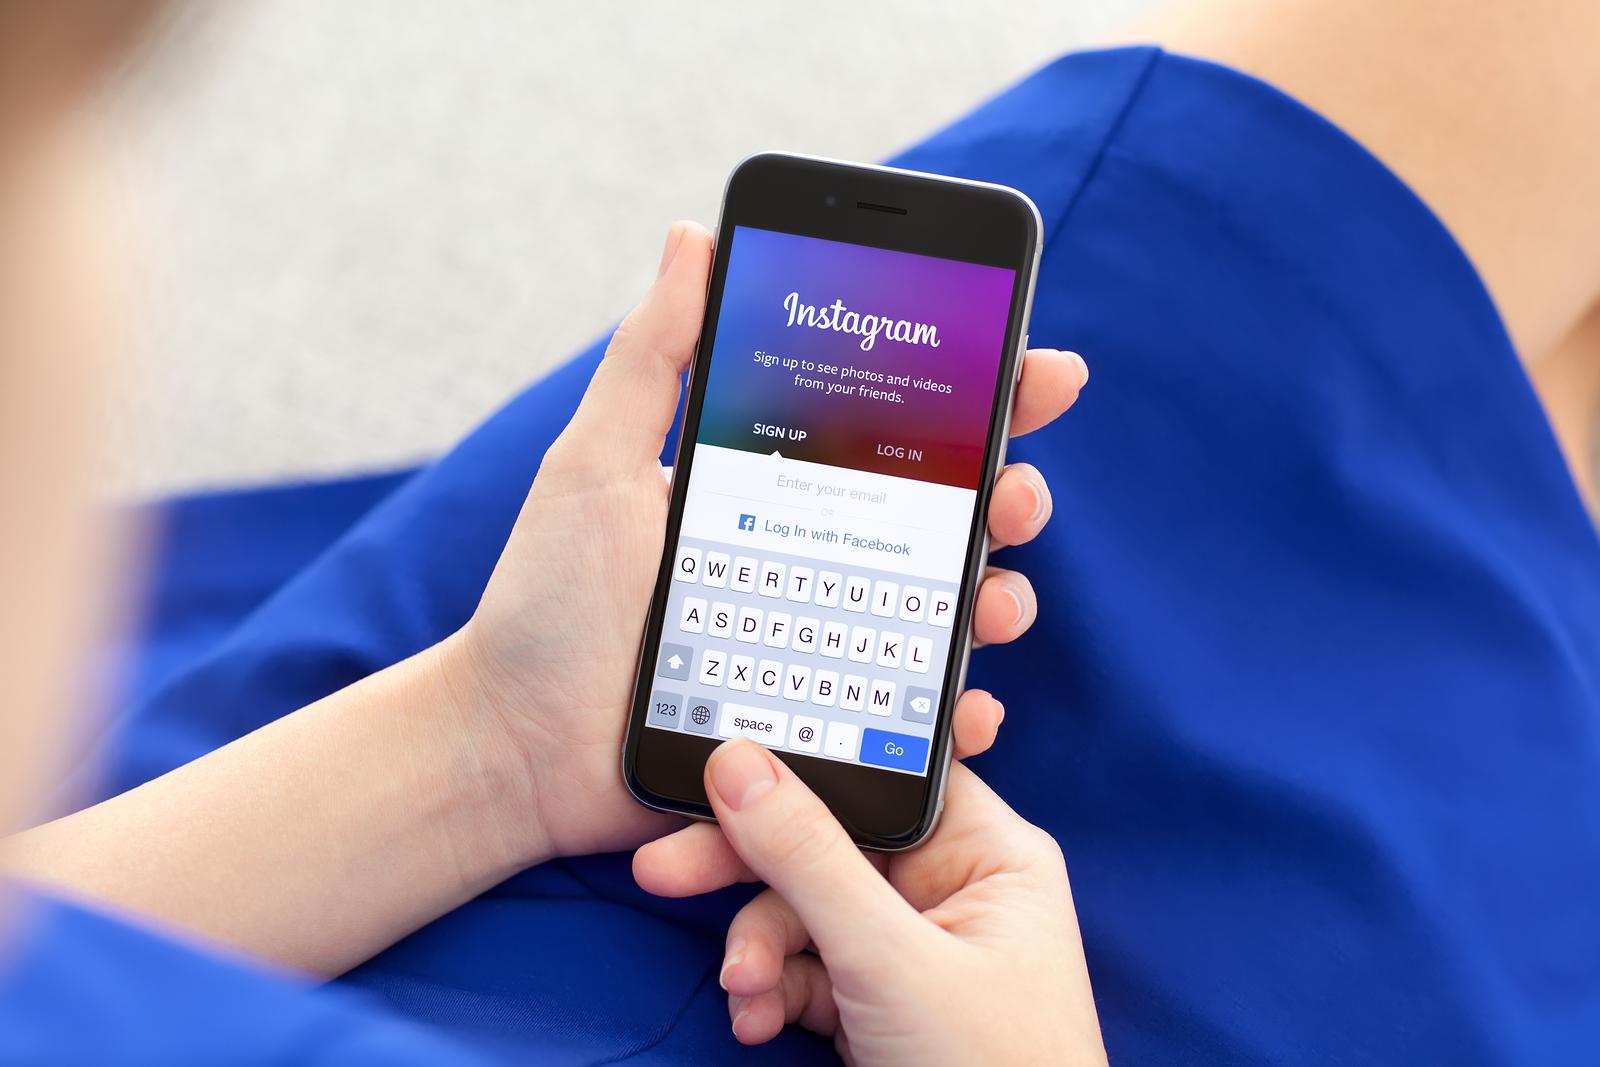 Yaratıcı Instagram isimleri | Instagram kullanıcı adı önerileri, en güzel kullanıcı isimleri